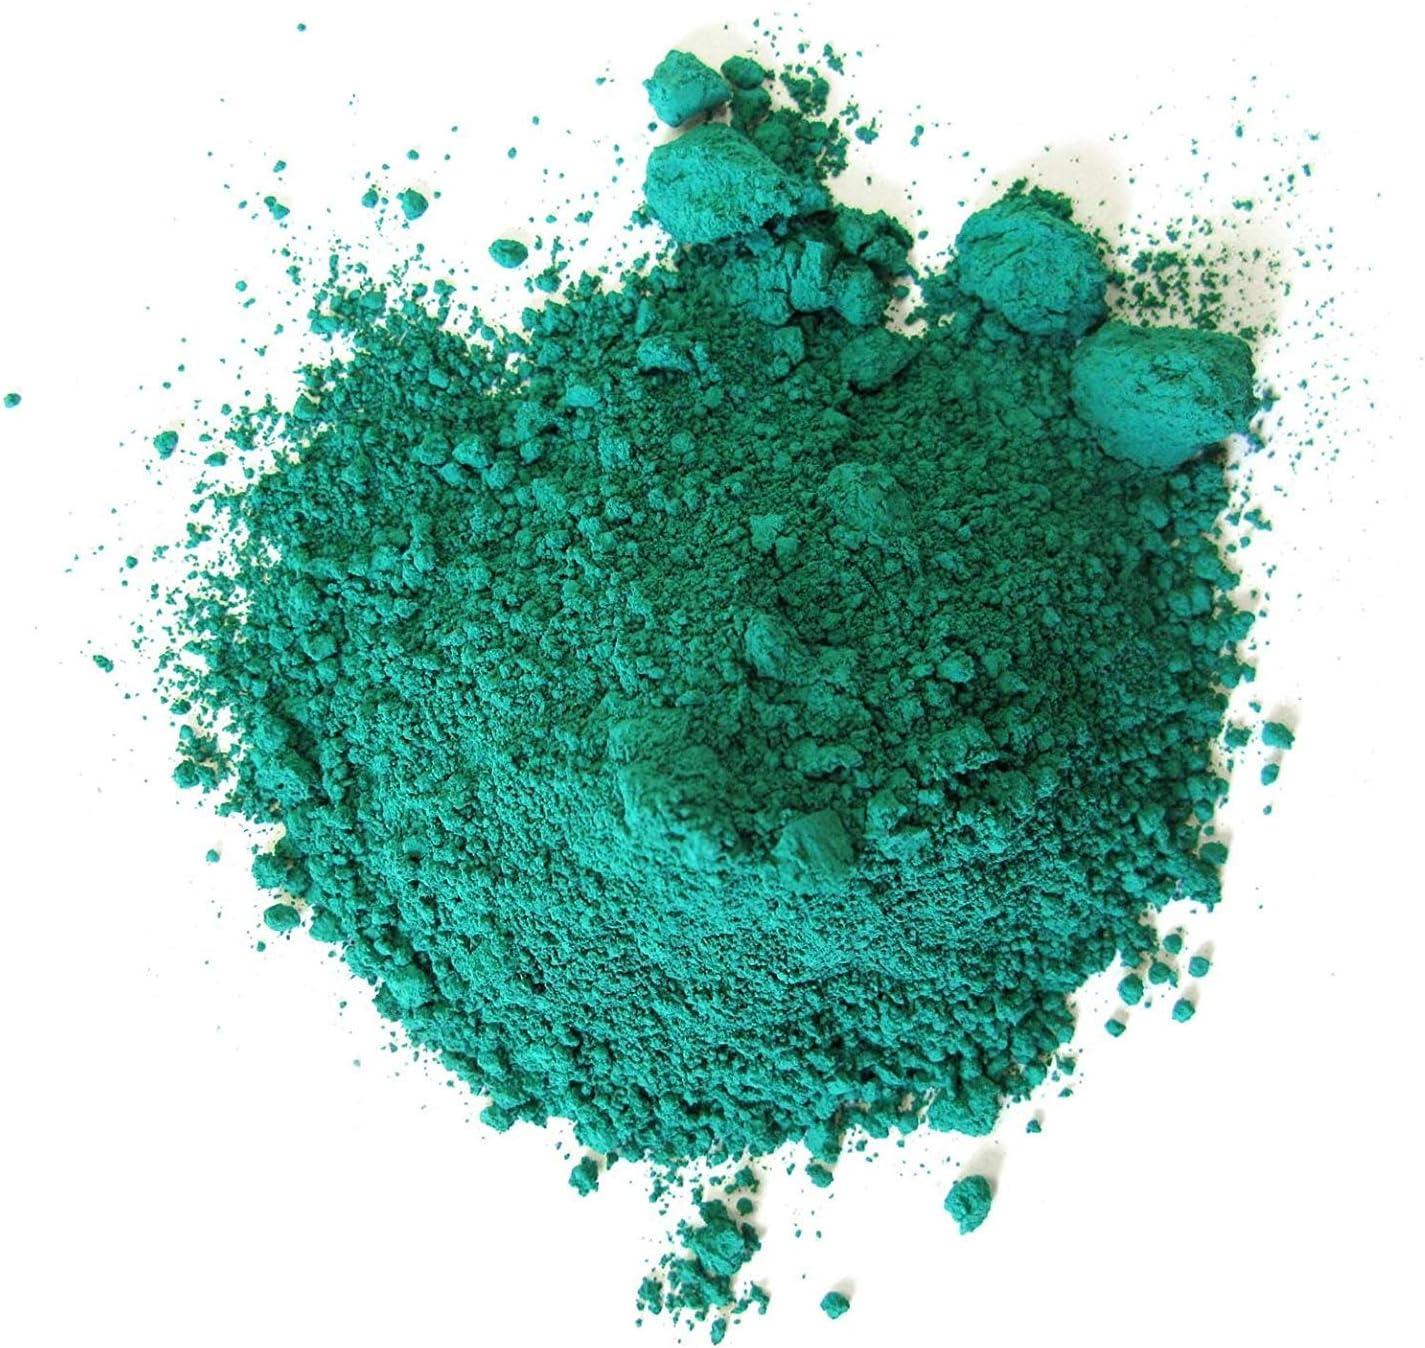 Inception Pro Infinite Verde Esmeralda - 100 g de Polvo de Pigmento - Aceite - Temple - Frescos - Encáusticos - Tintes - Coloreados